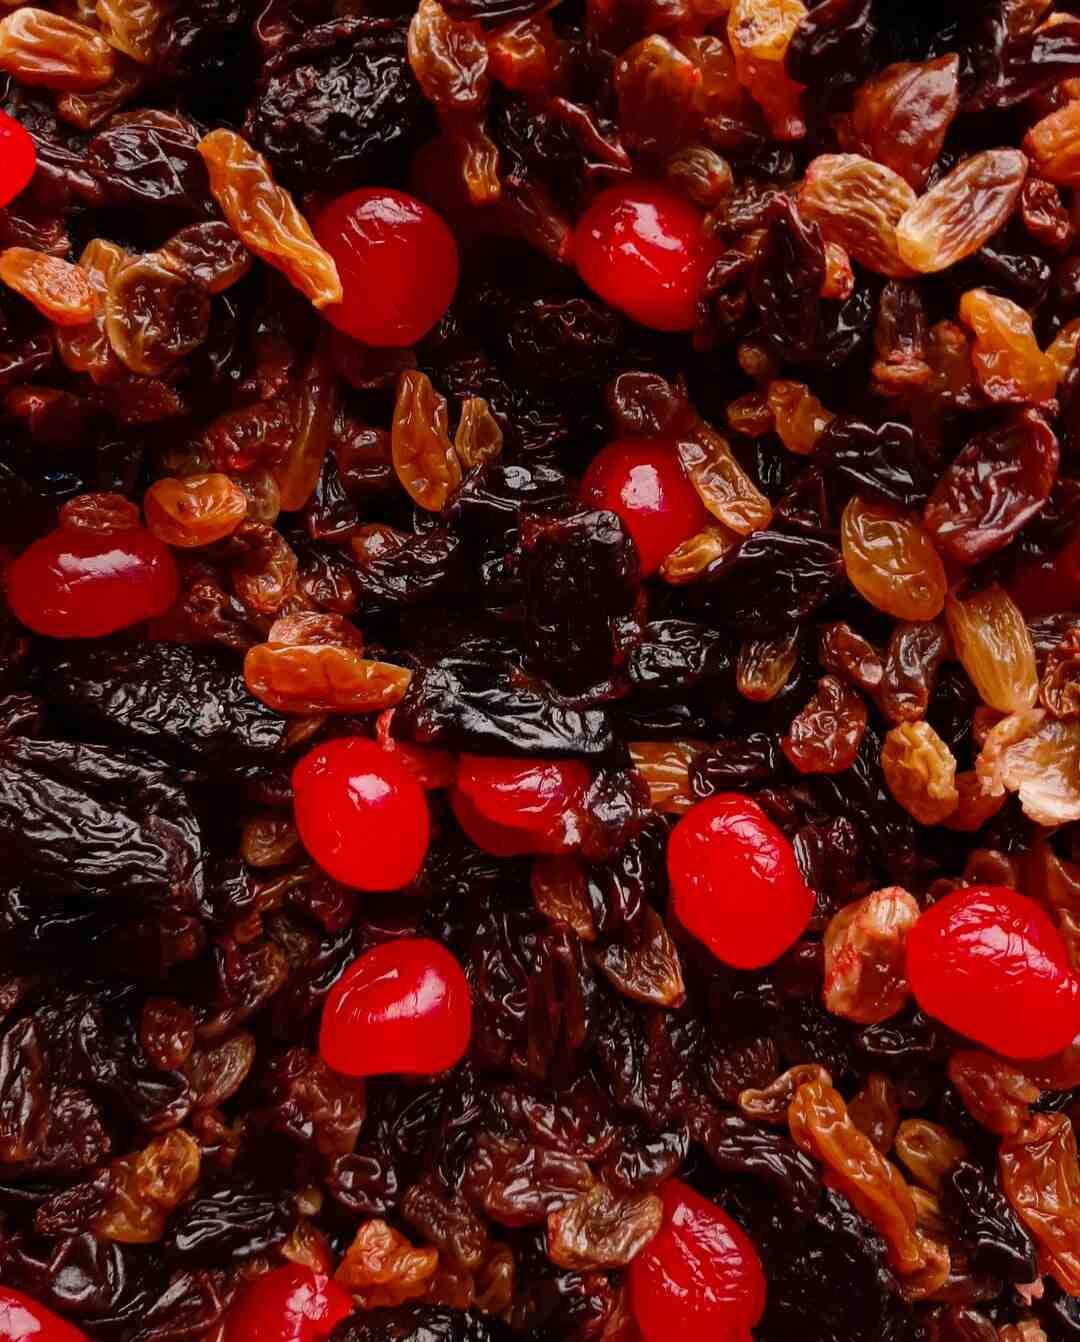 Comment congeler des raisins